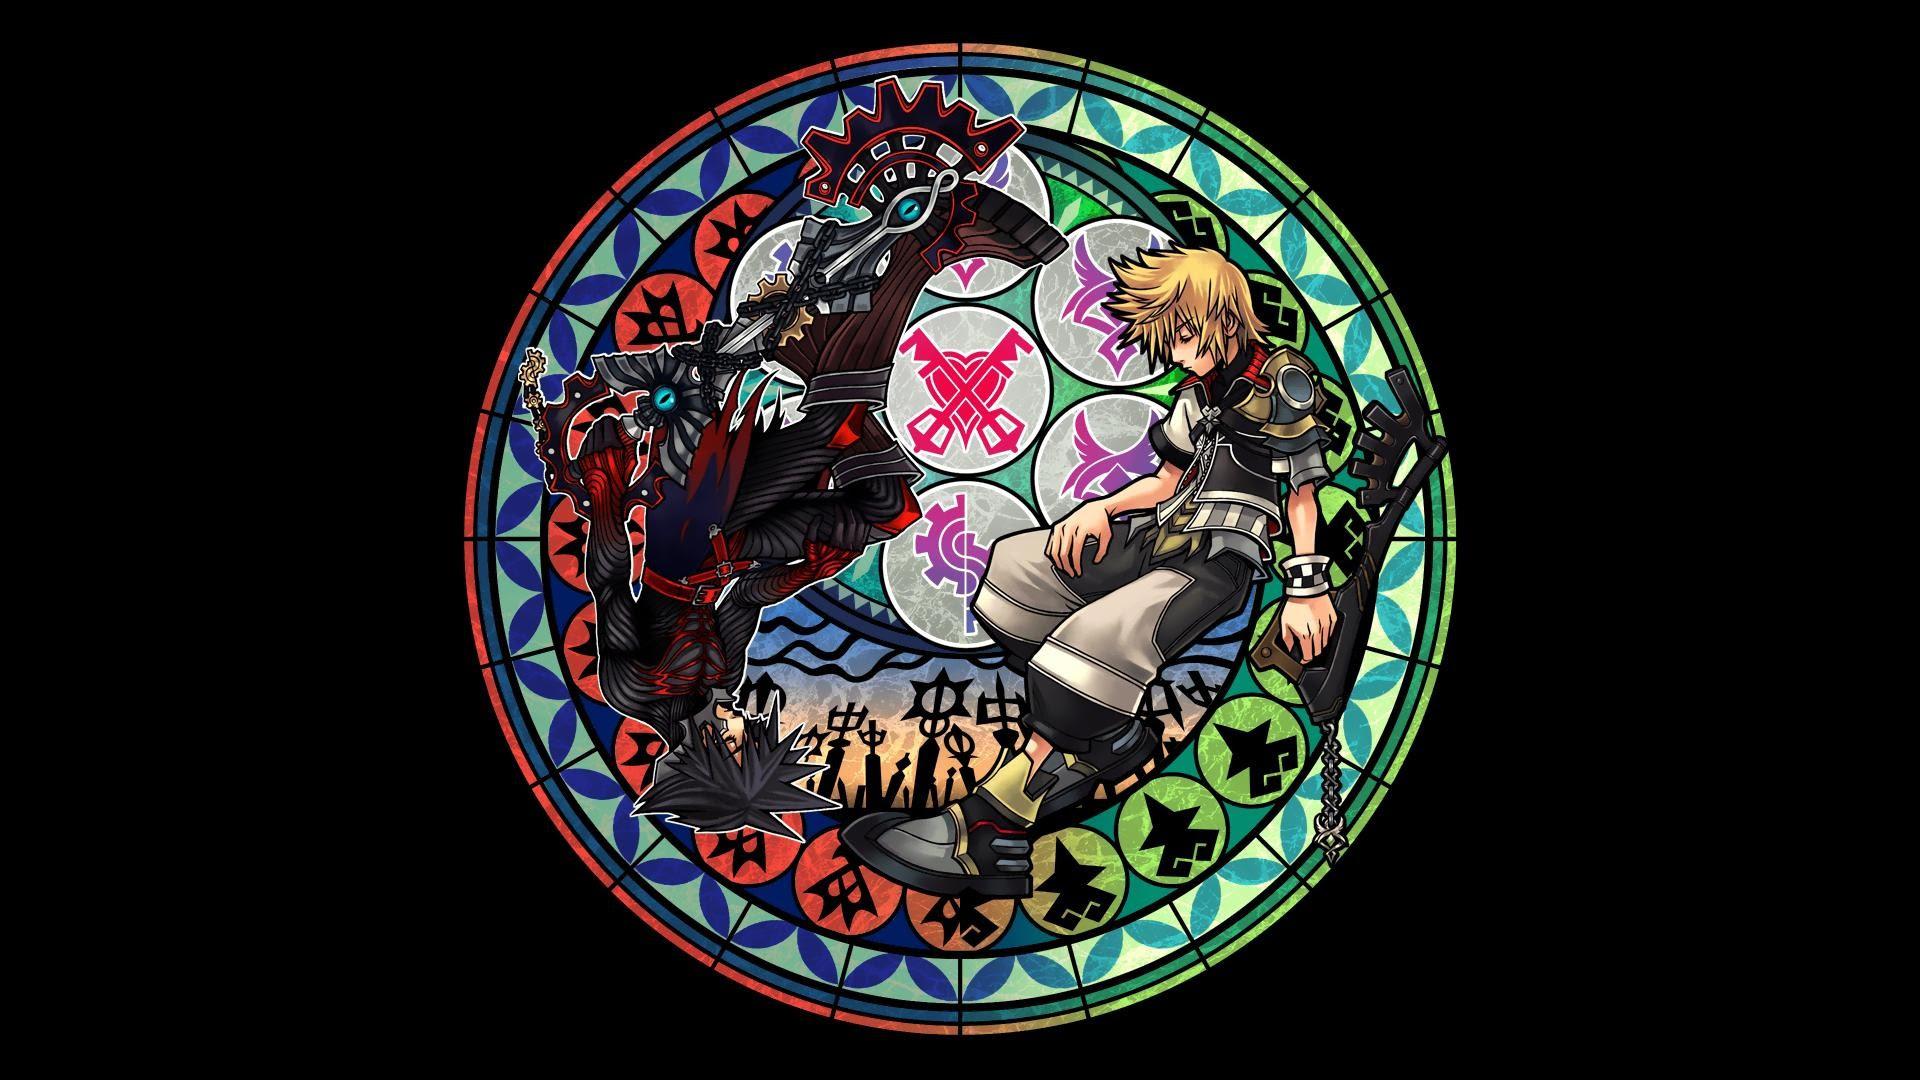 Kingdom Hearts Wallpaper Hd 68 Images